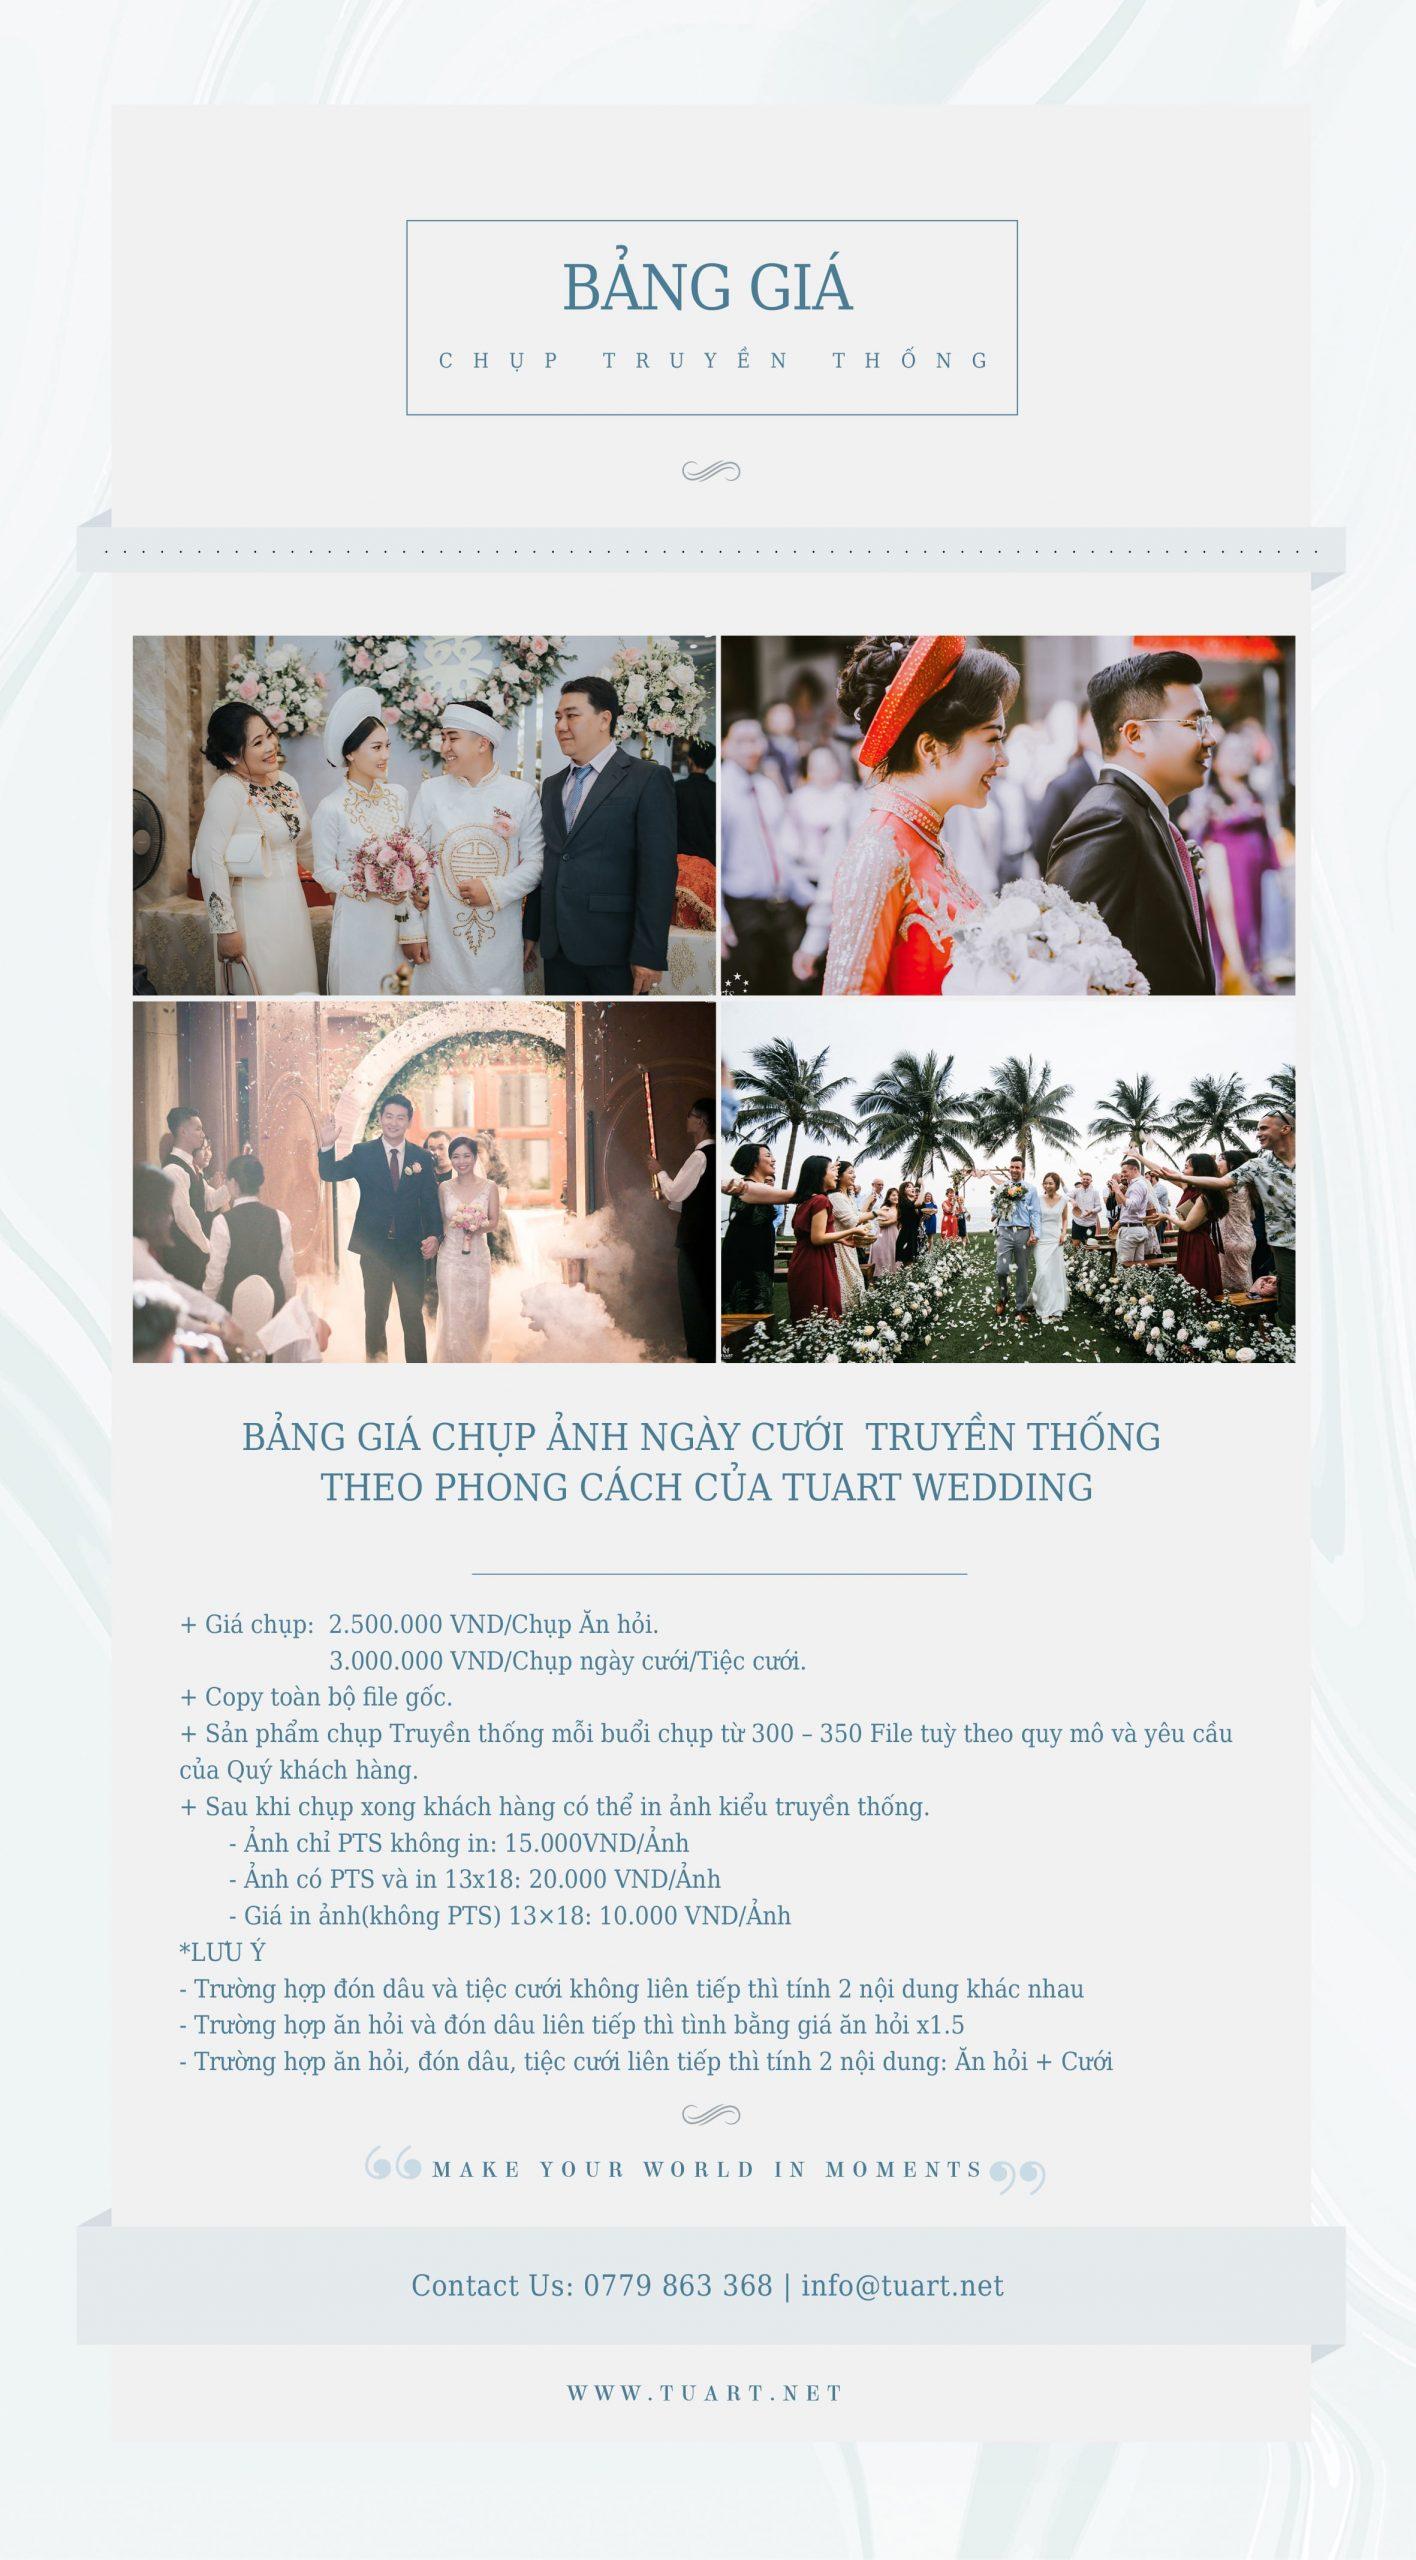 Bảng giá chụp ngày cưới truyền thống